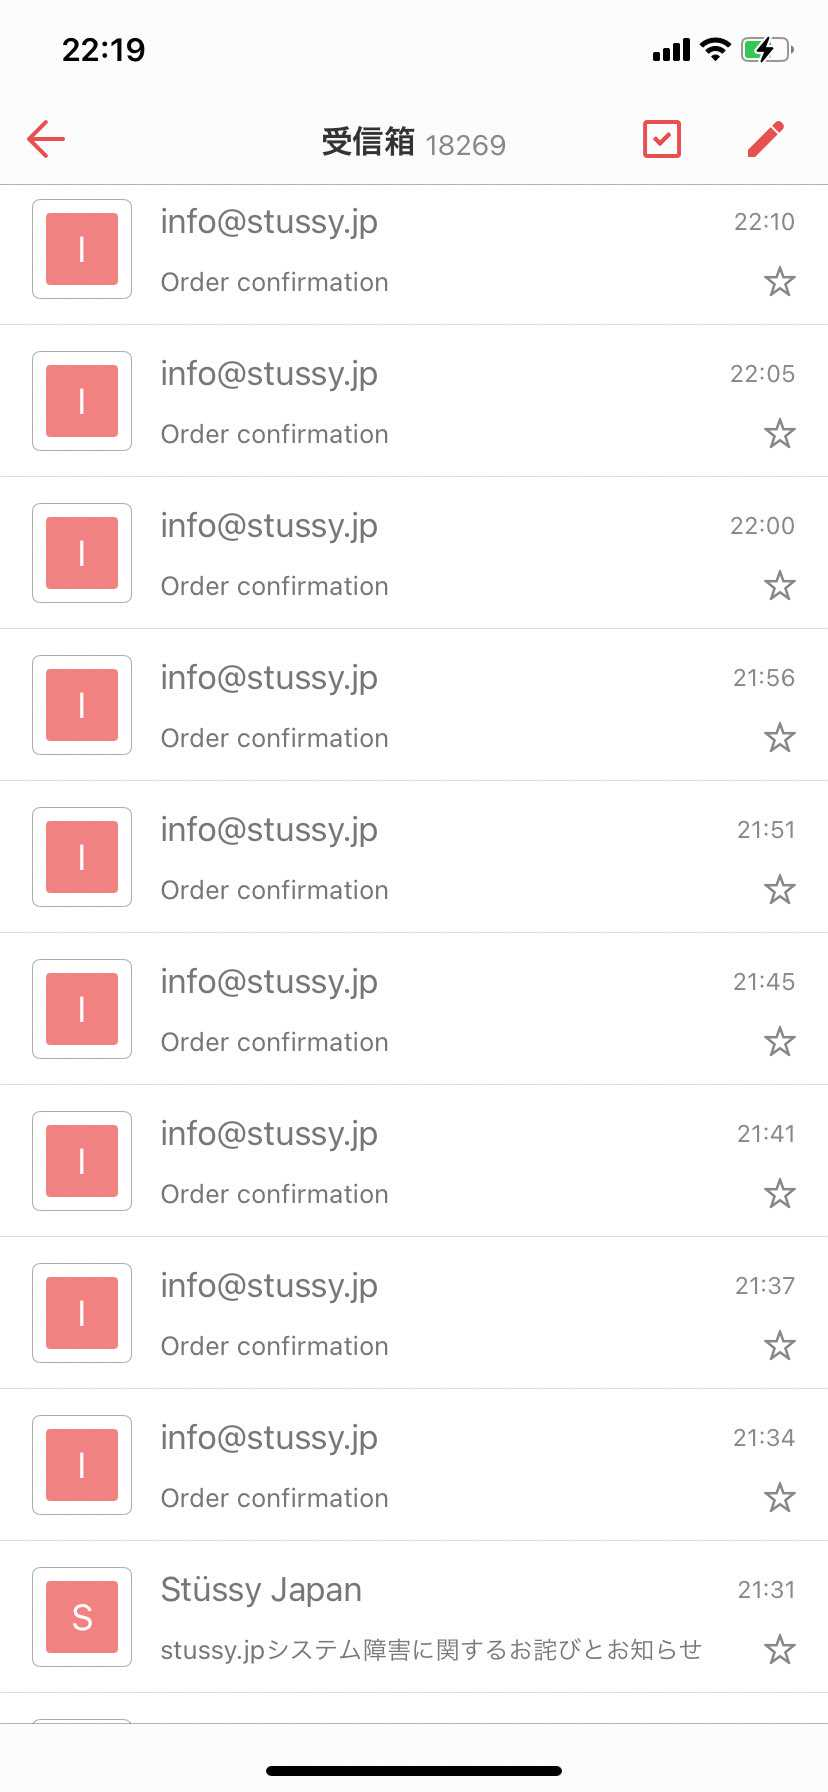 stussyさんもう分かったから 一足しか買ってないのに確定メール14通送るの